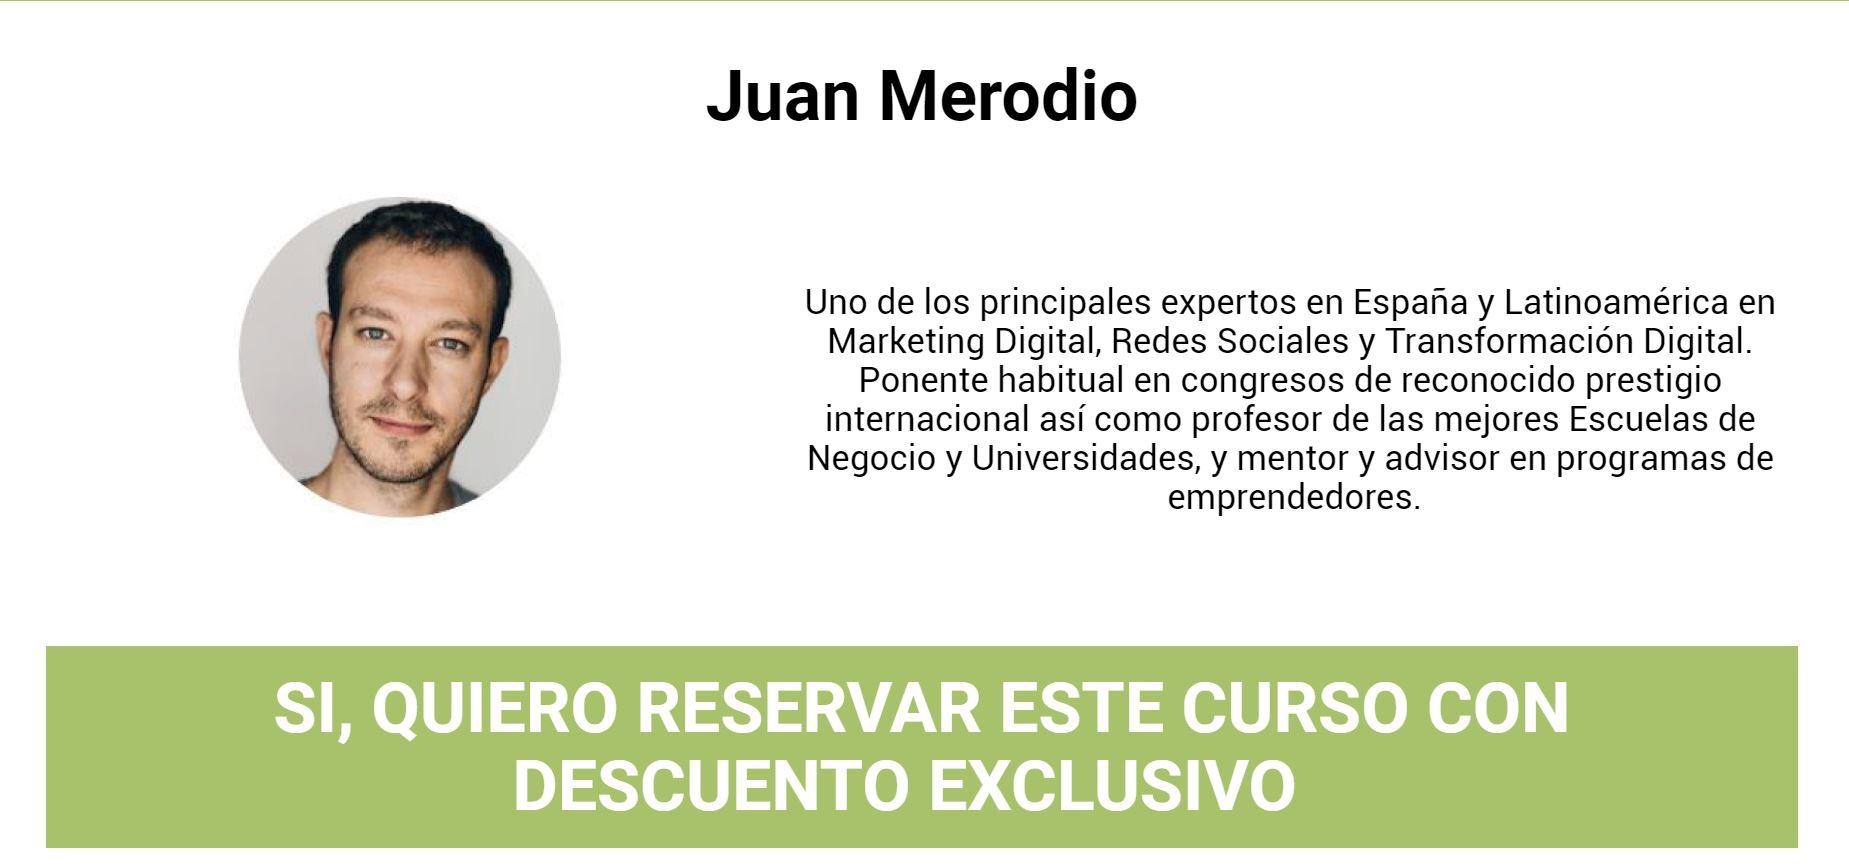 Juan Merodio Curso de Experto en Marketing Digital [Español]